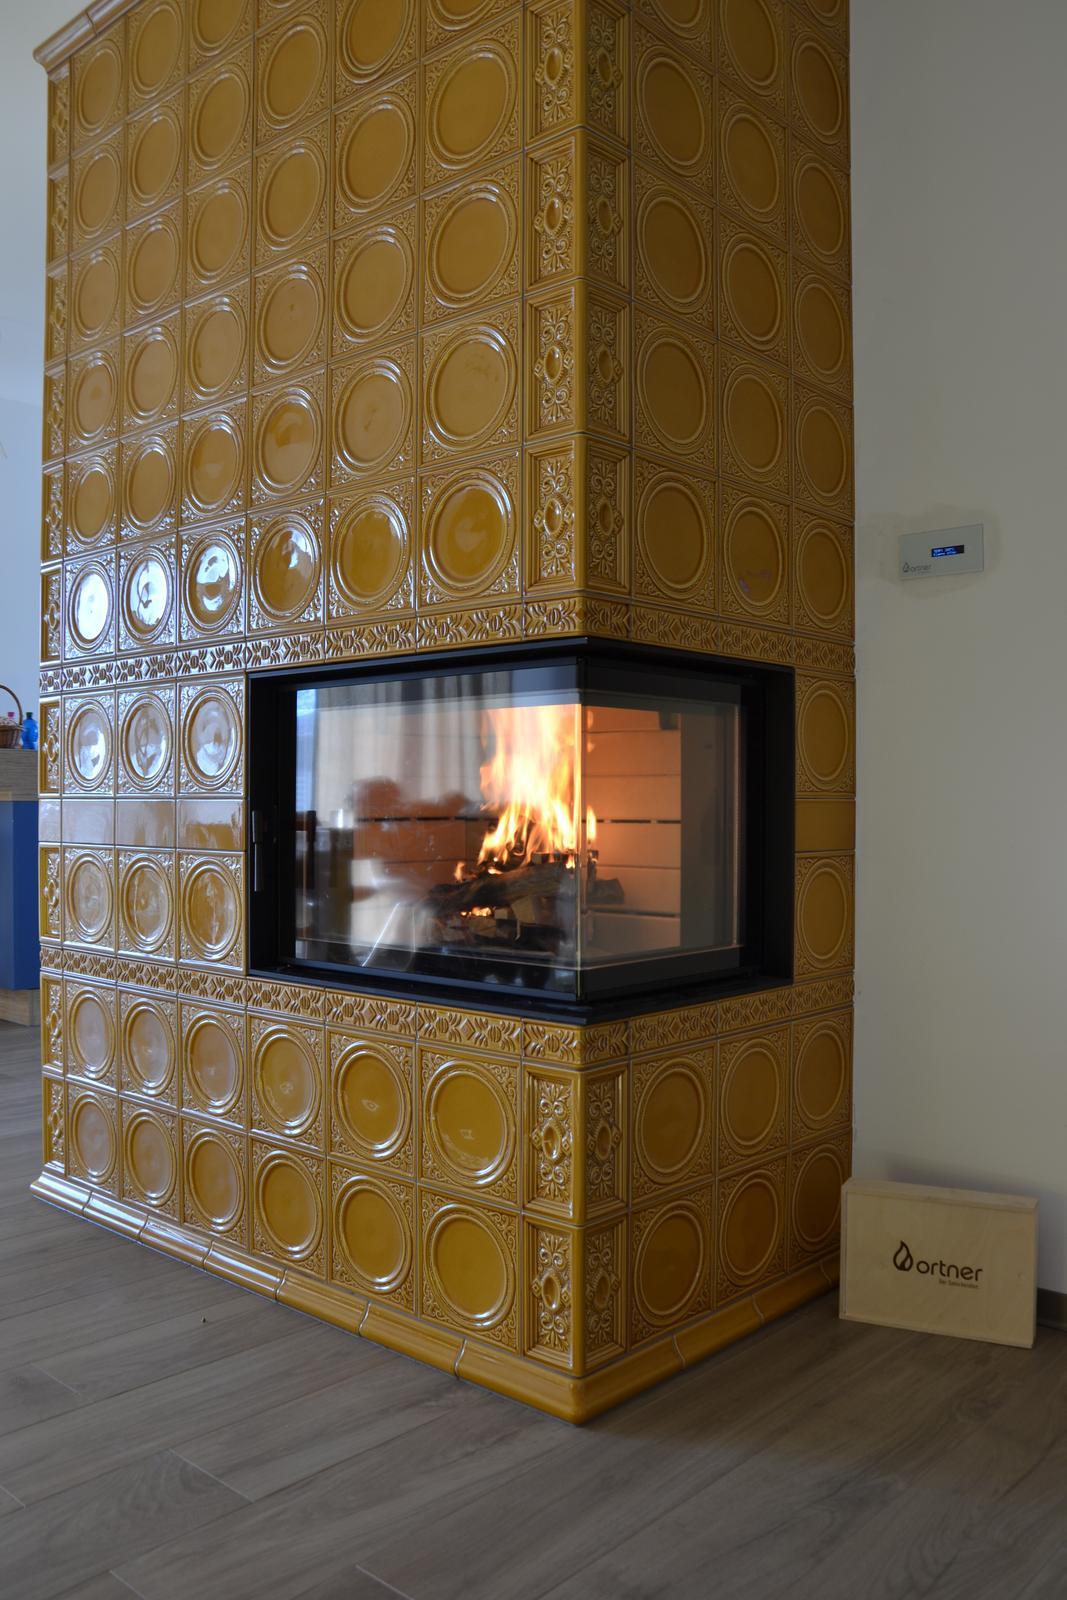 Kachľová pec z keramiky HEIN s ohniskom ORTNER SE 12 a elektronickou reguláciou horenia - Obrázok č. 1